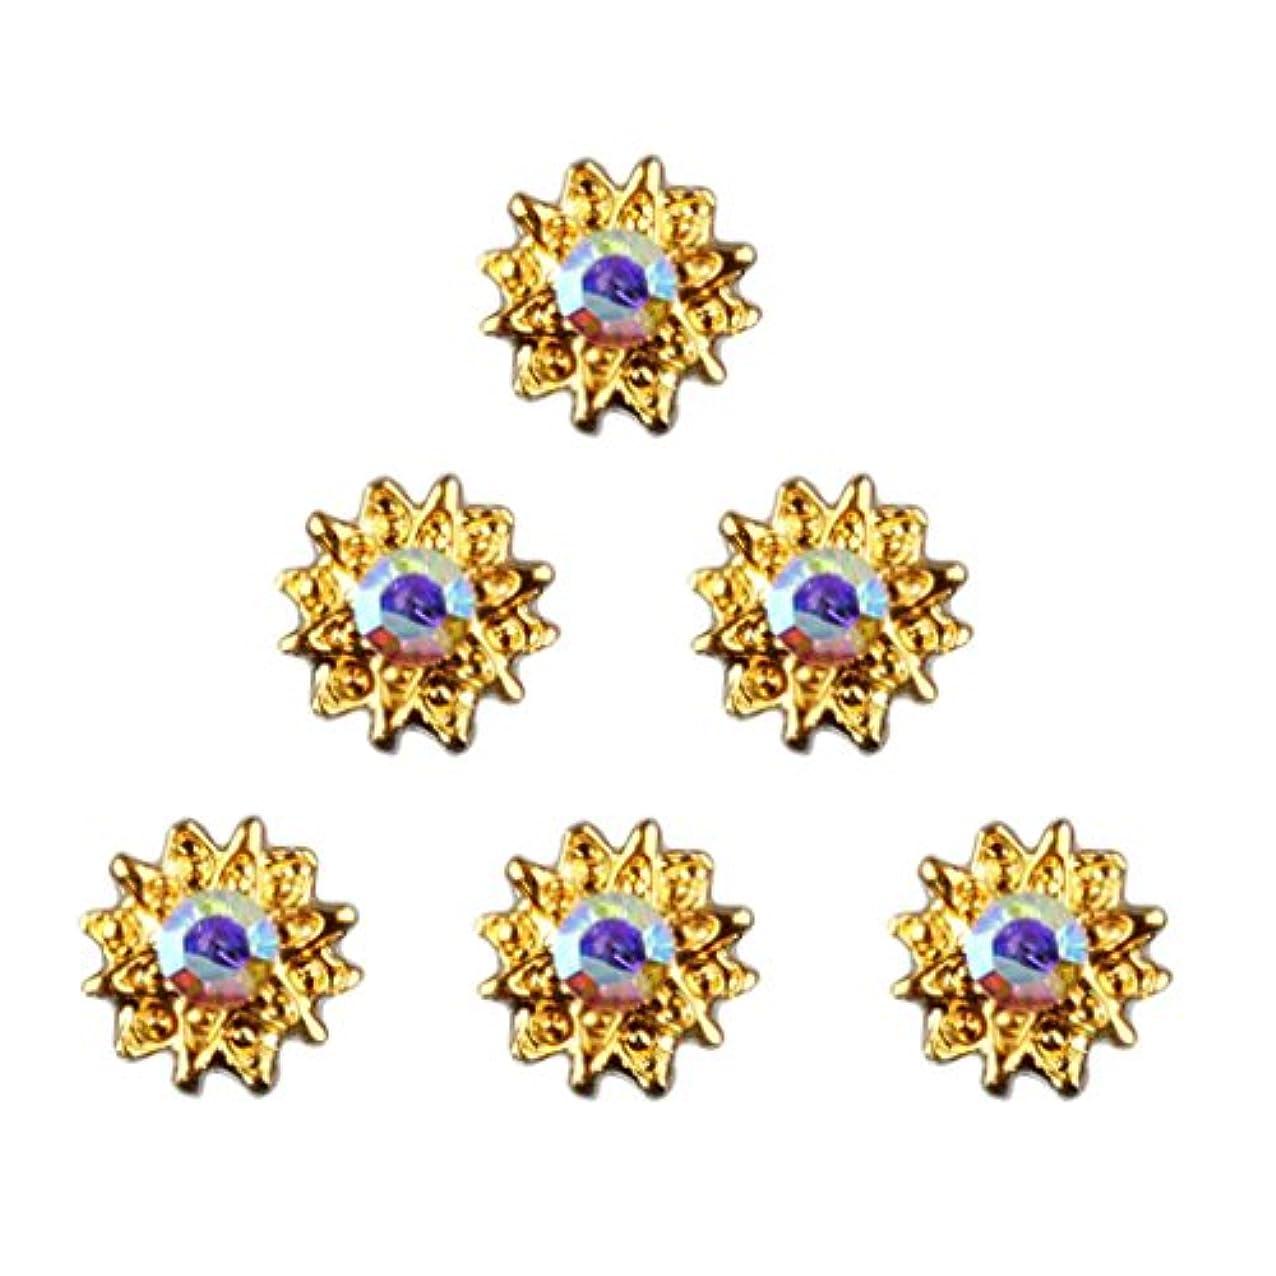 金額フェデレーションリーフレットBaosity ネイル ネイルデザイン ダイヤモンド 約50個 3Dネイルアート ヒントステッカー デコレーション おしゃれ 全8タイプ選べ - 5